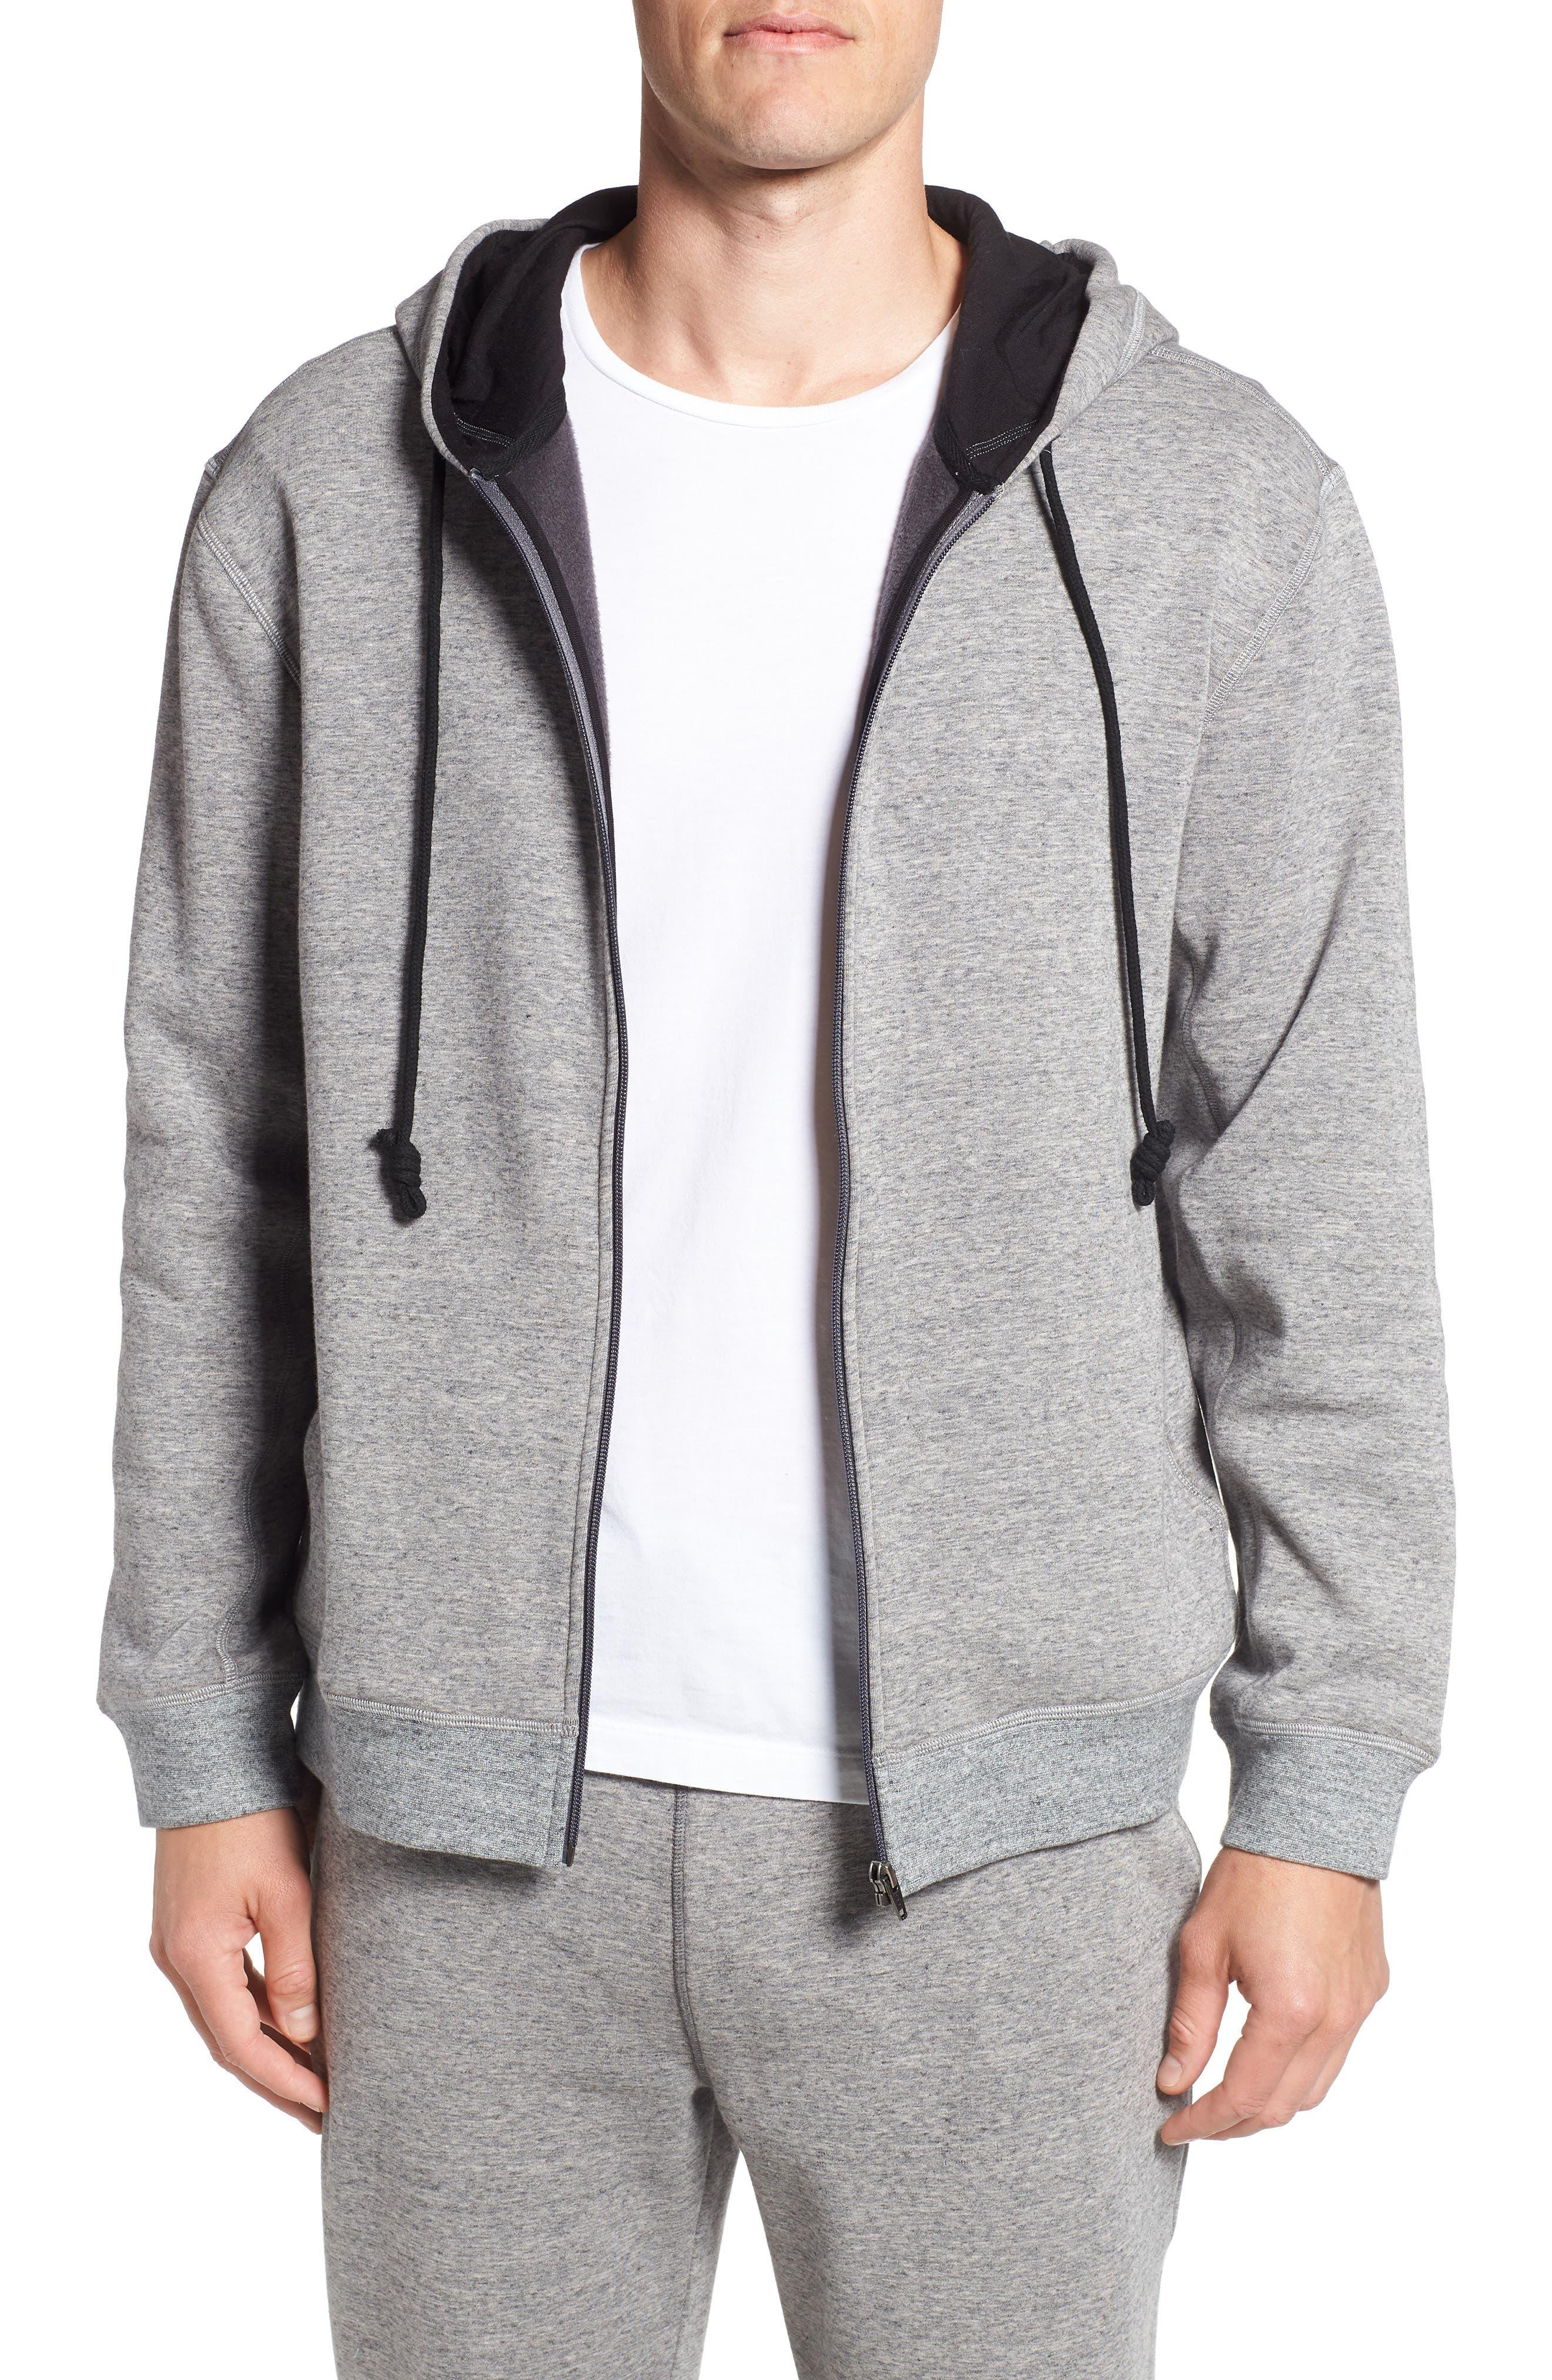 Zip Hoodie,                         Main,                         color, Grey Heather